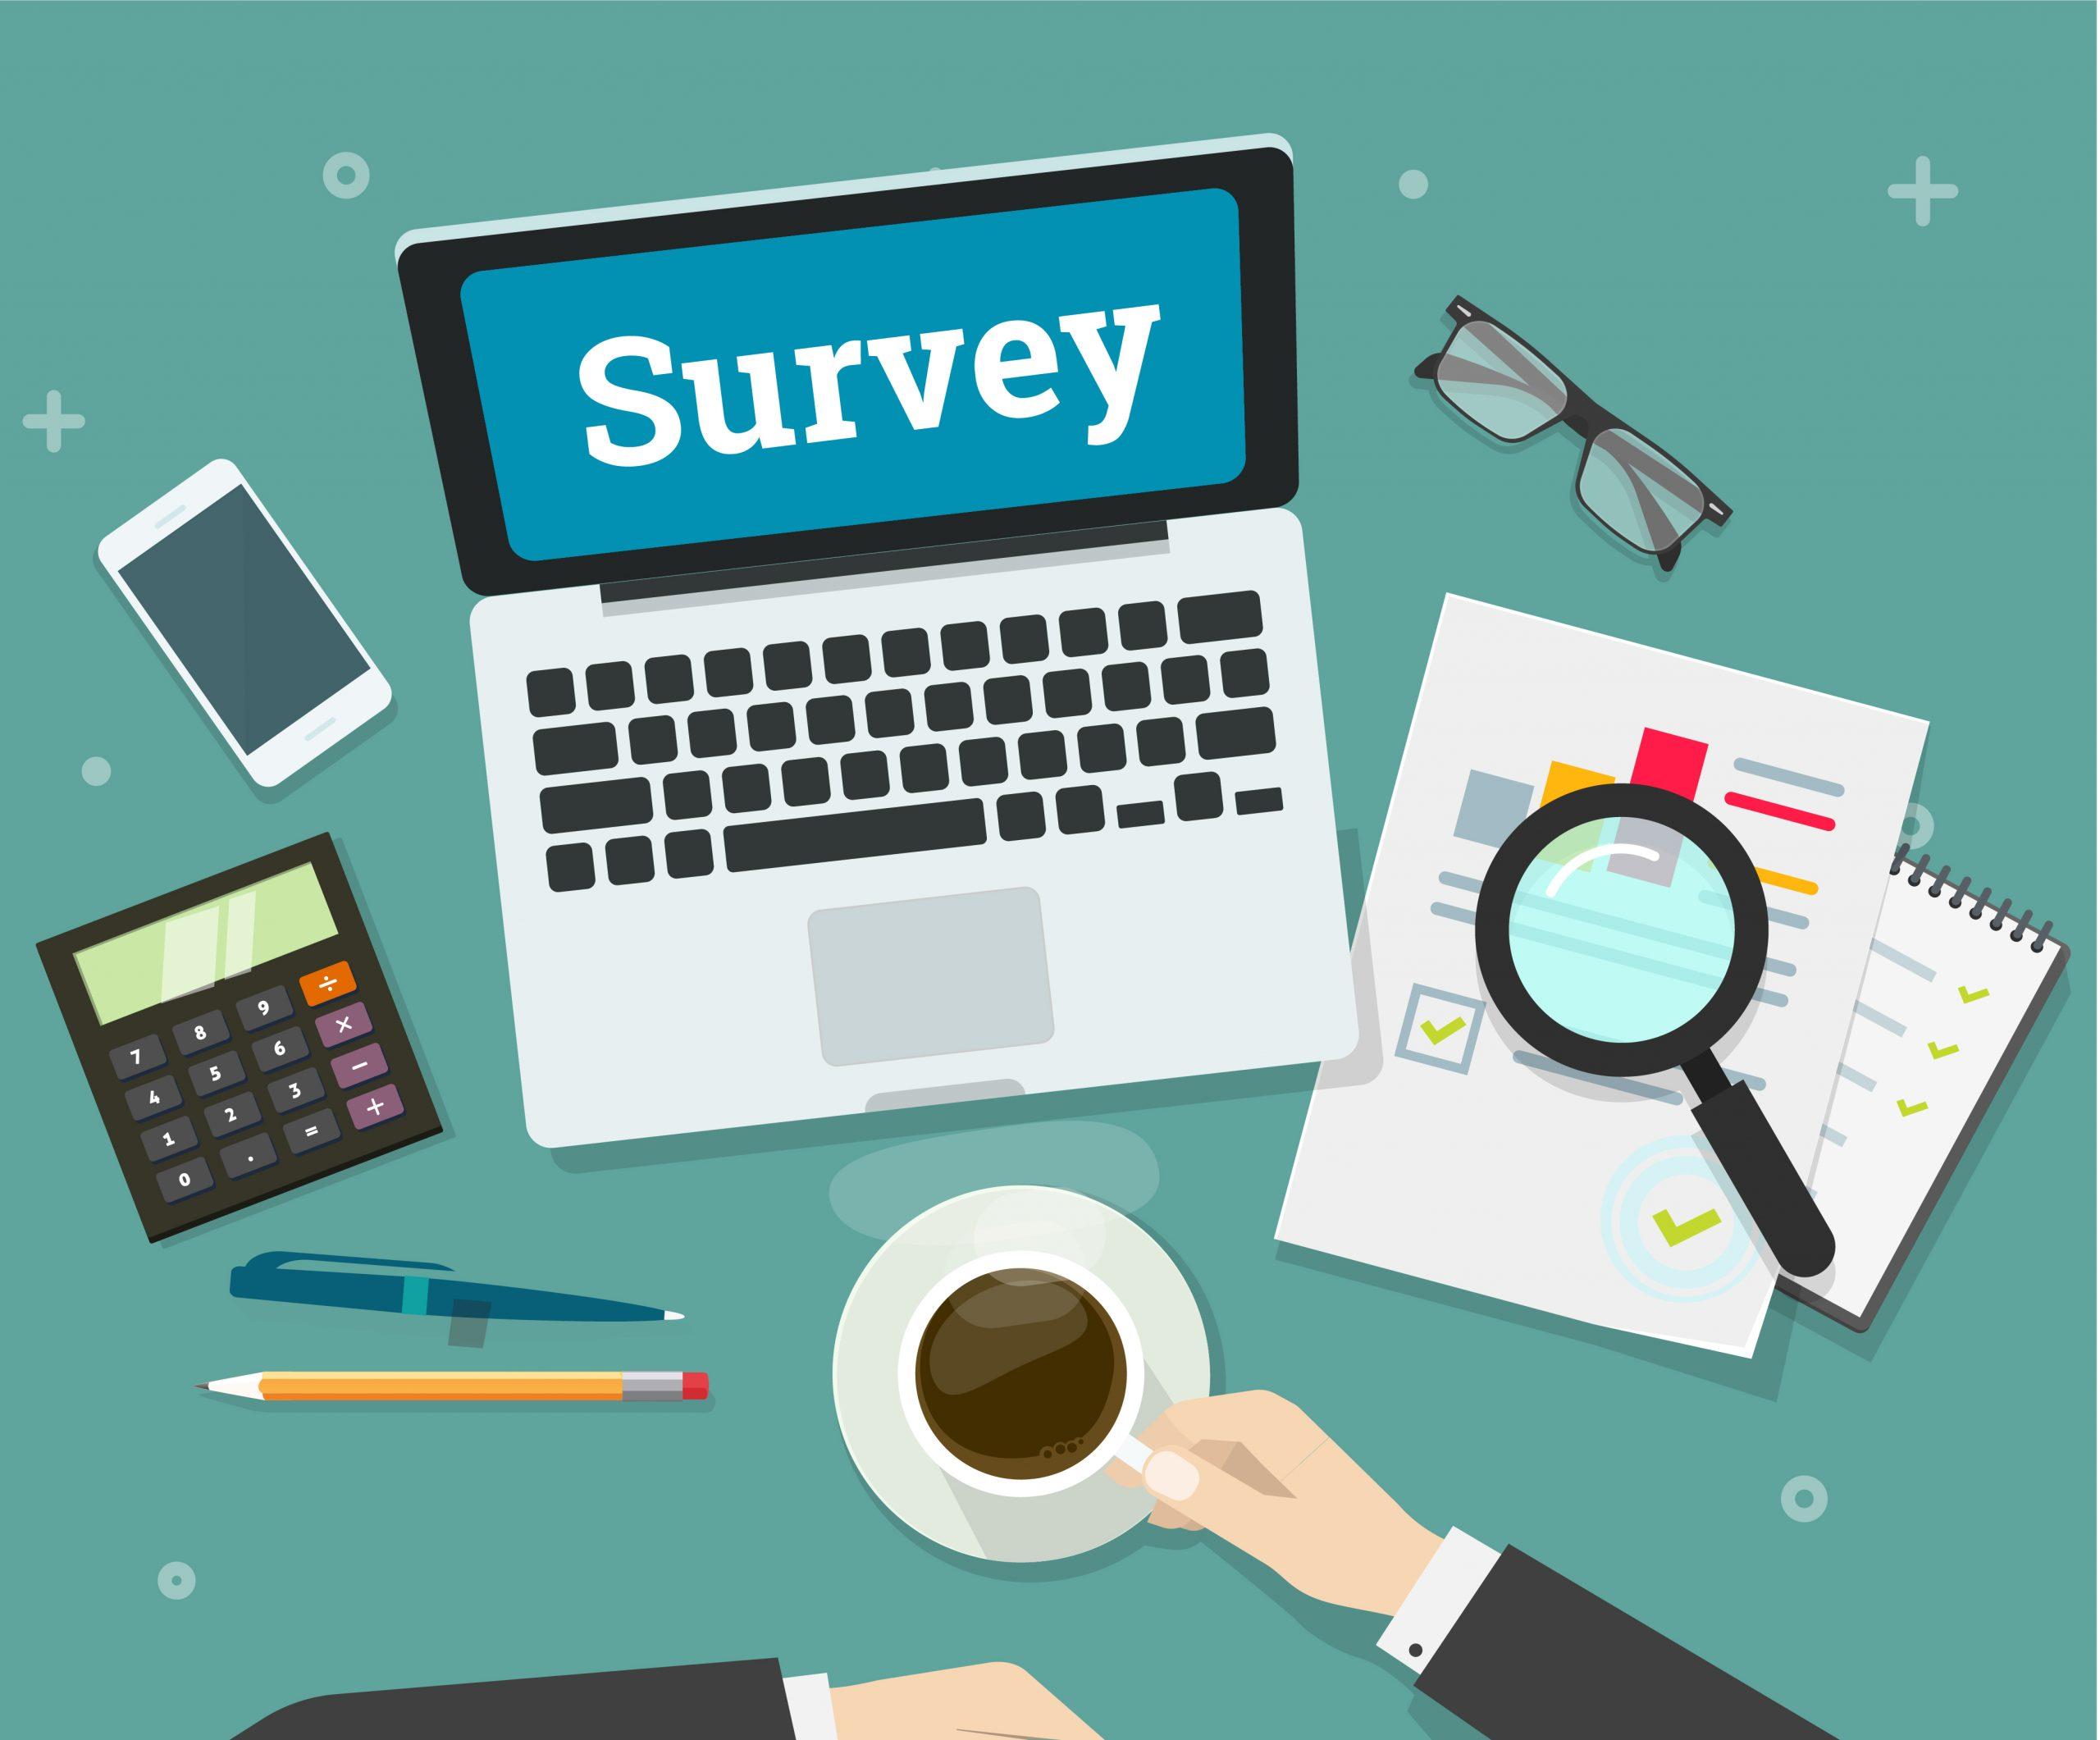 Survey on laptop